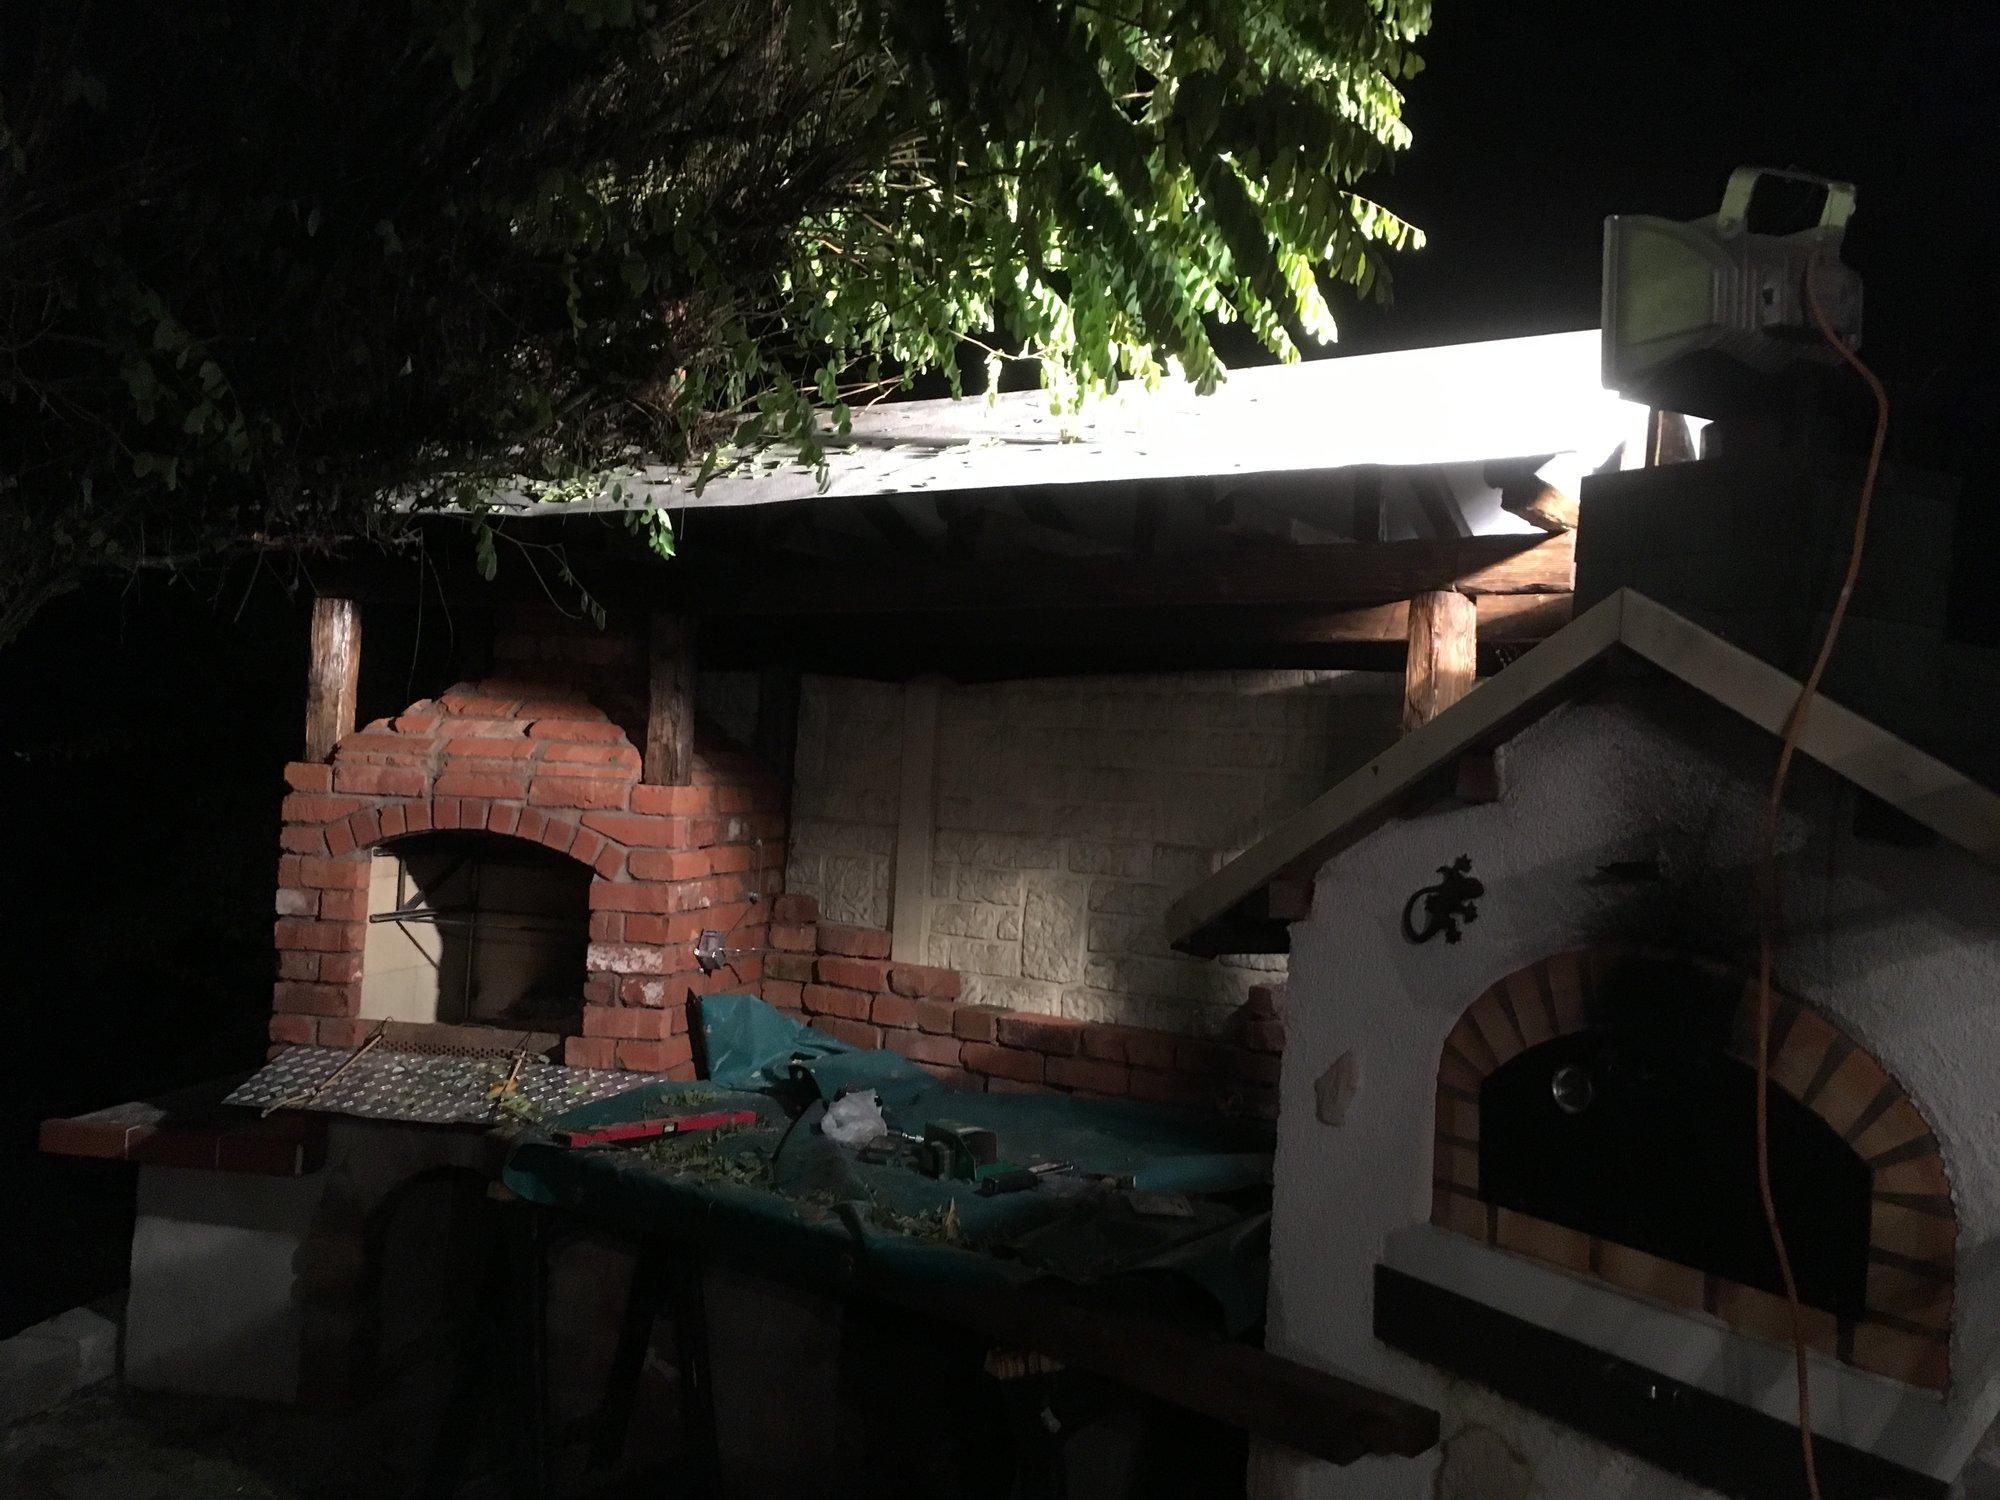 Außenküche Selber Bauen Grillsportverein : Aussenküche aus ruhrsandstein bauen grillforum und bbq